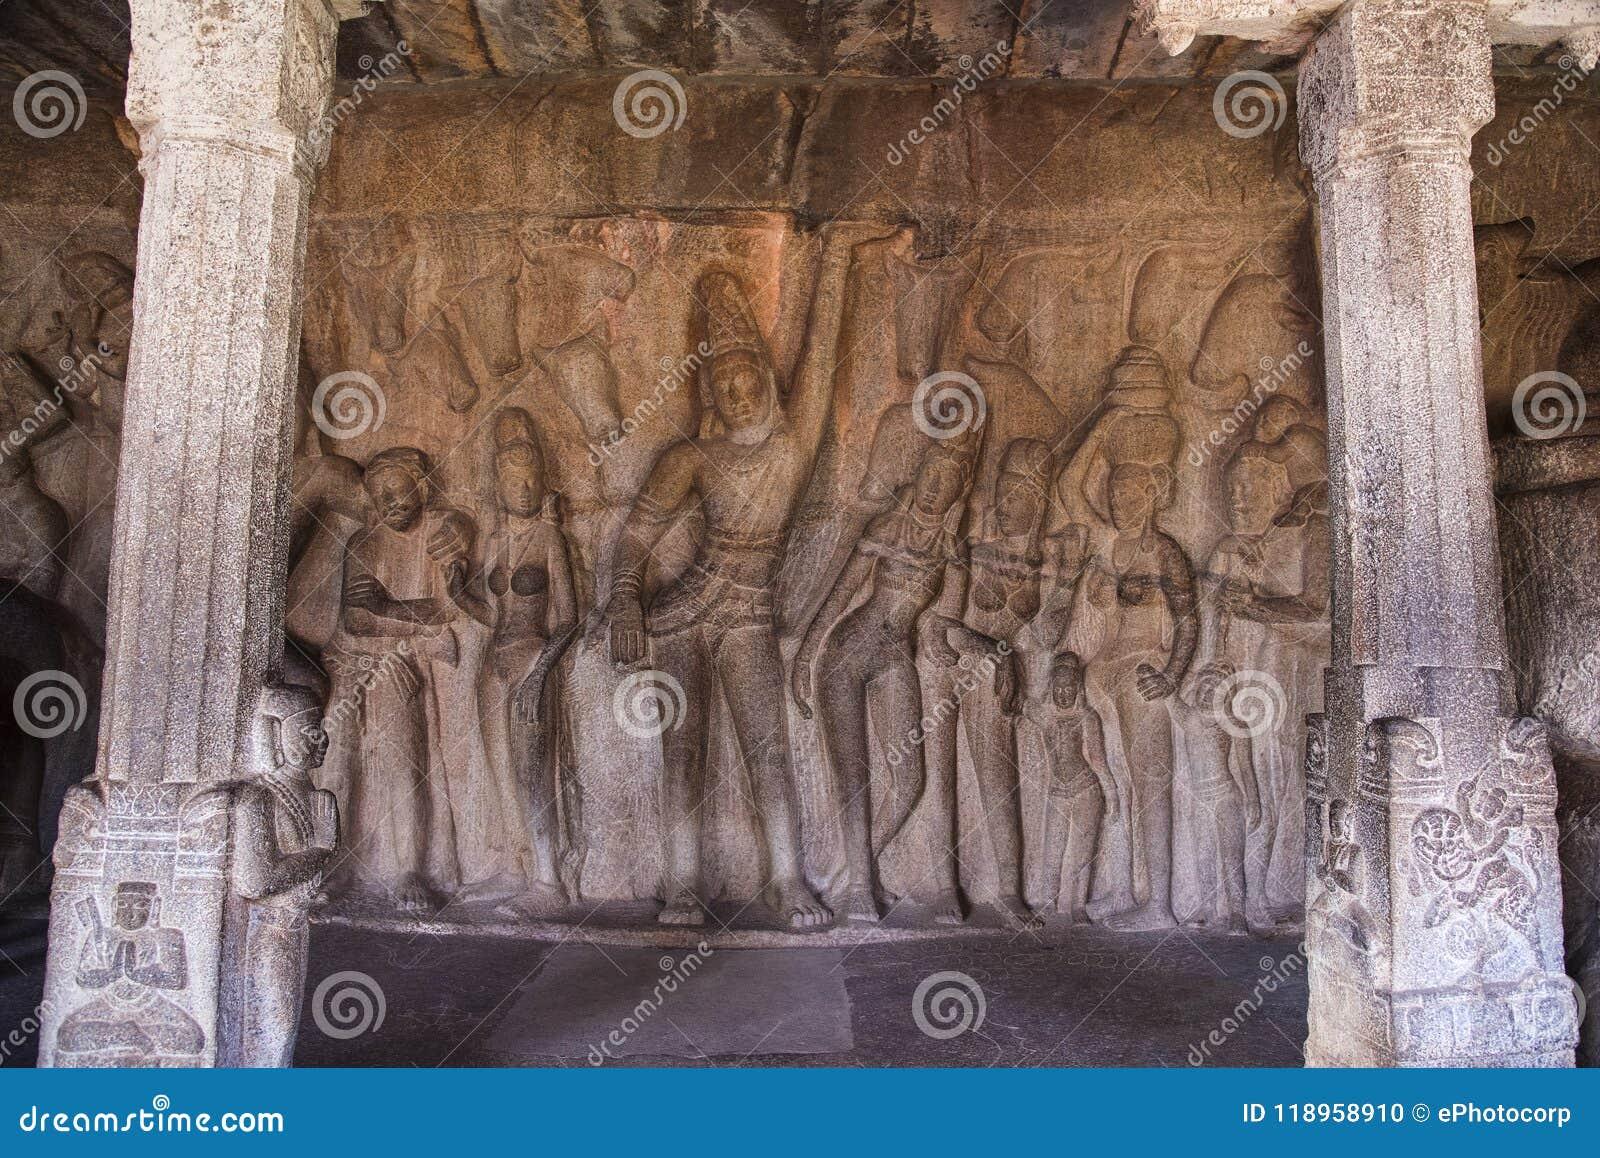 Ανακούφιση στο πρόσωπο βράχου Krishna που ανυψώνει το Hill Govardhan σε Krishna Mandapam, Mahabalipuram, Tamil Nadu